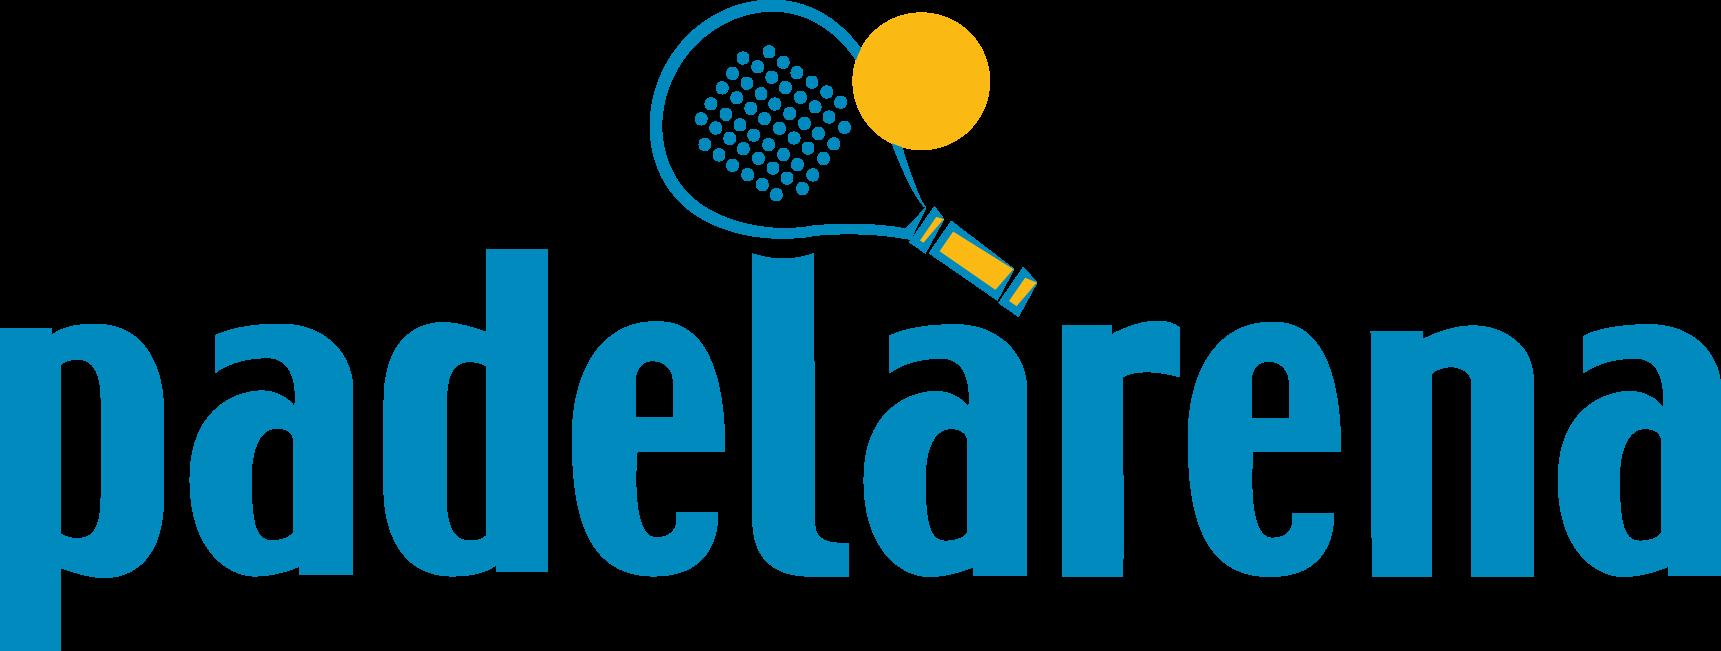 Padel Arena logo